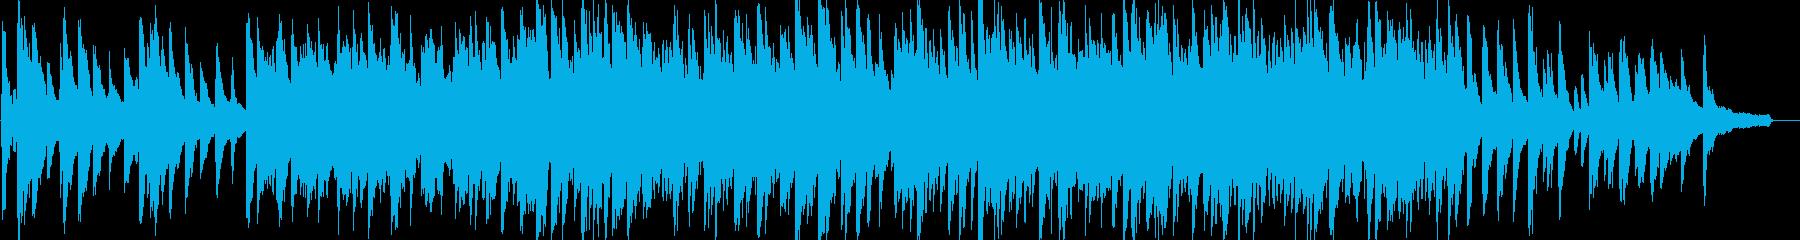 感動・達成・ピアノソロ・イベント・映像の再生済みの波形